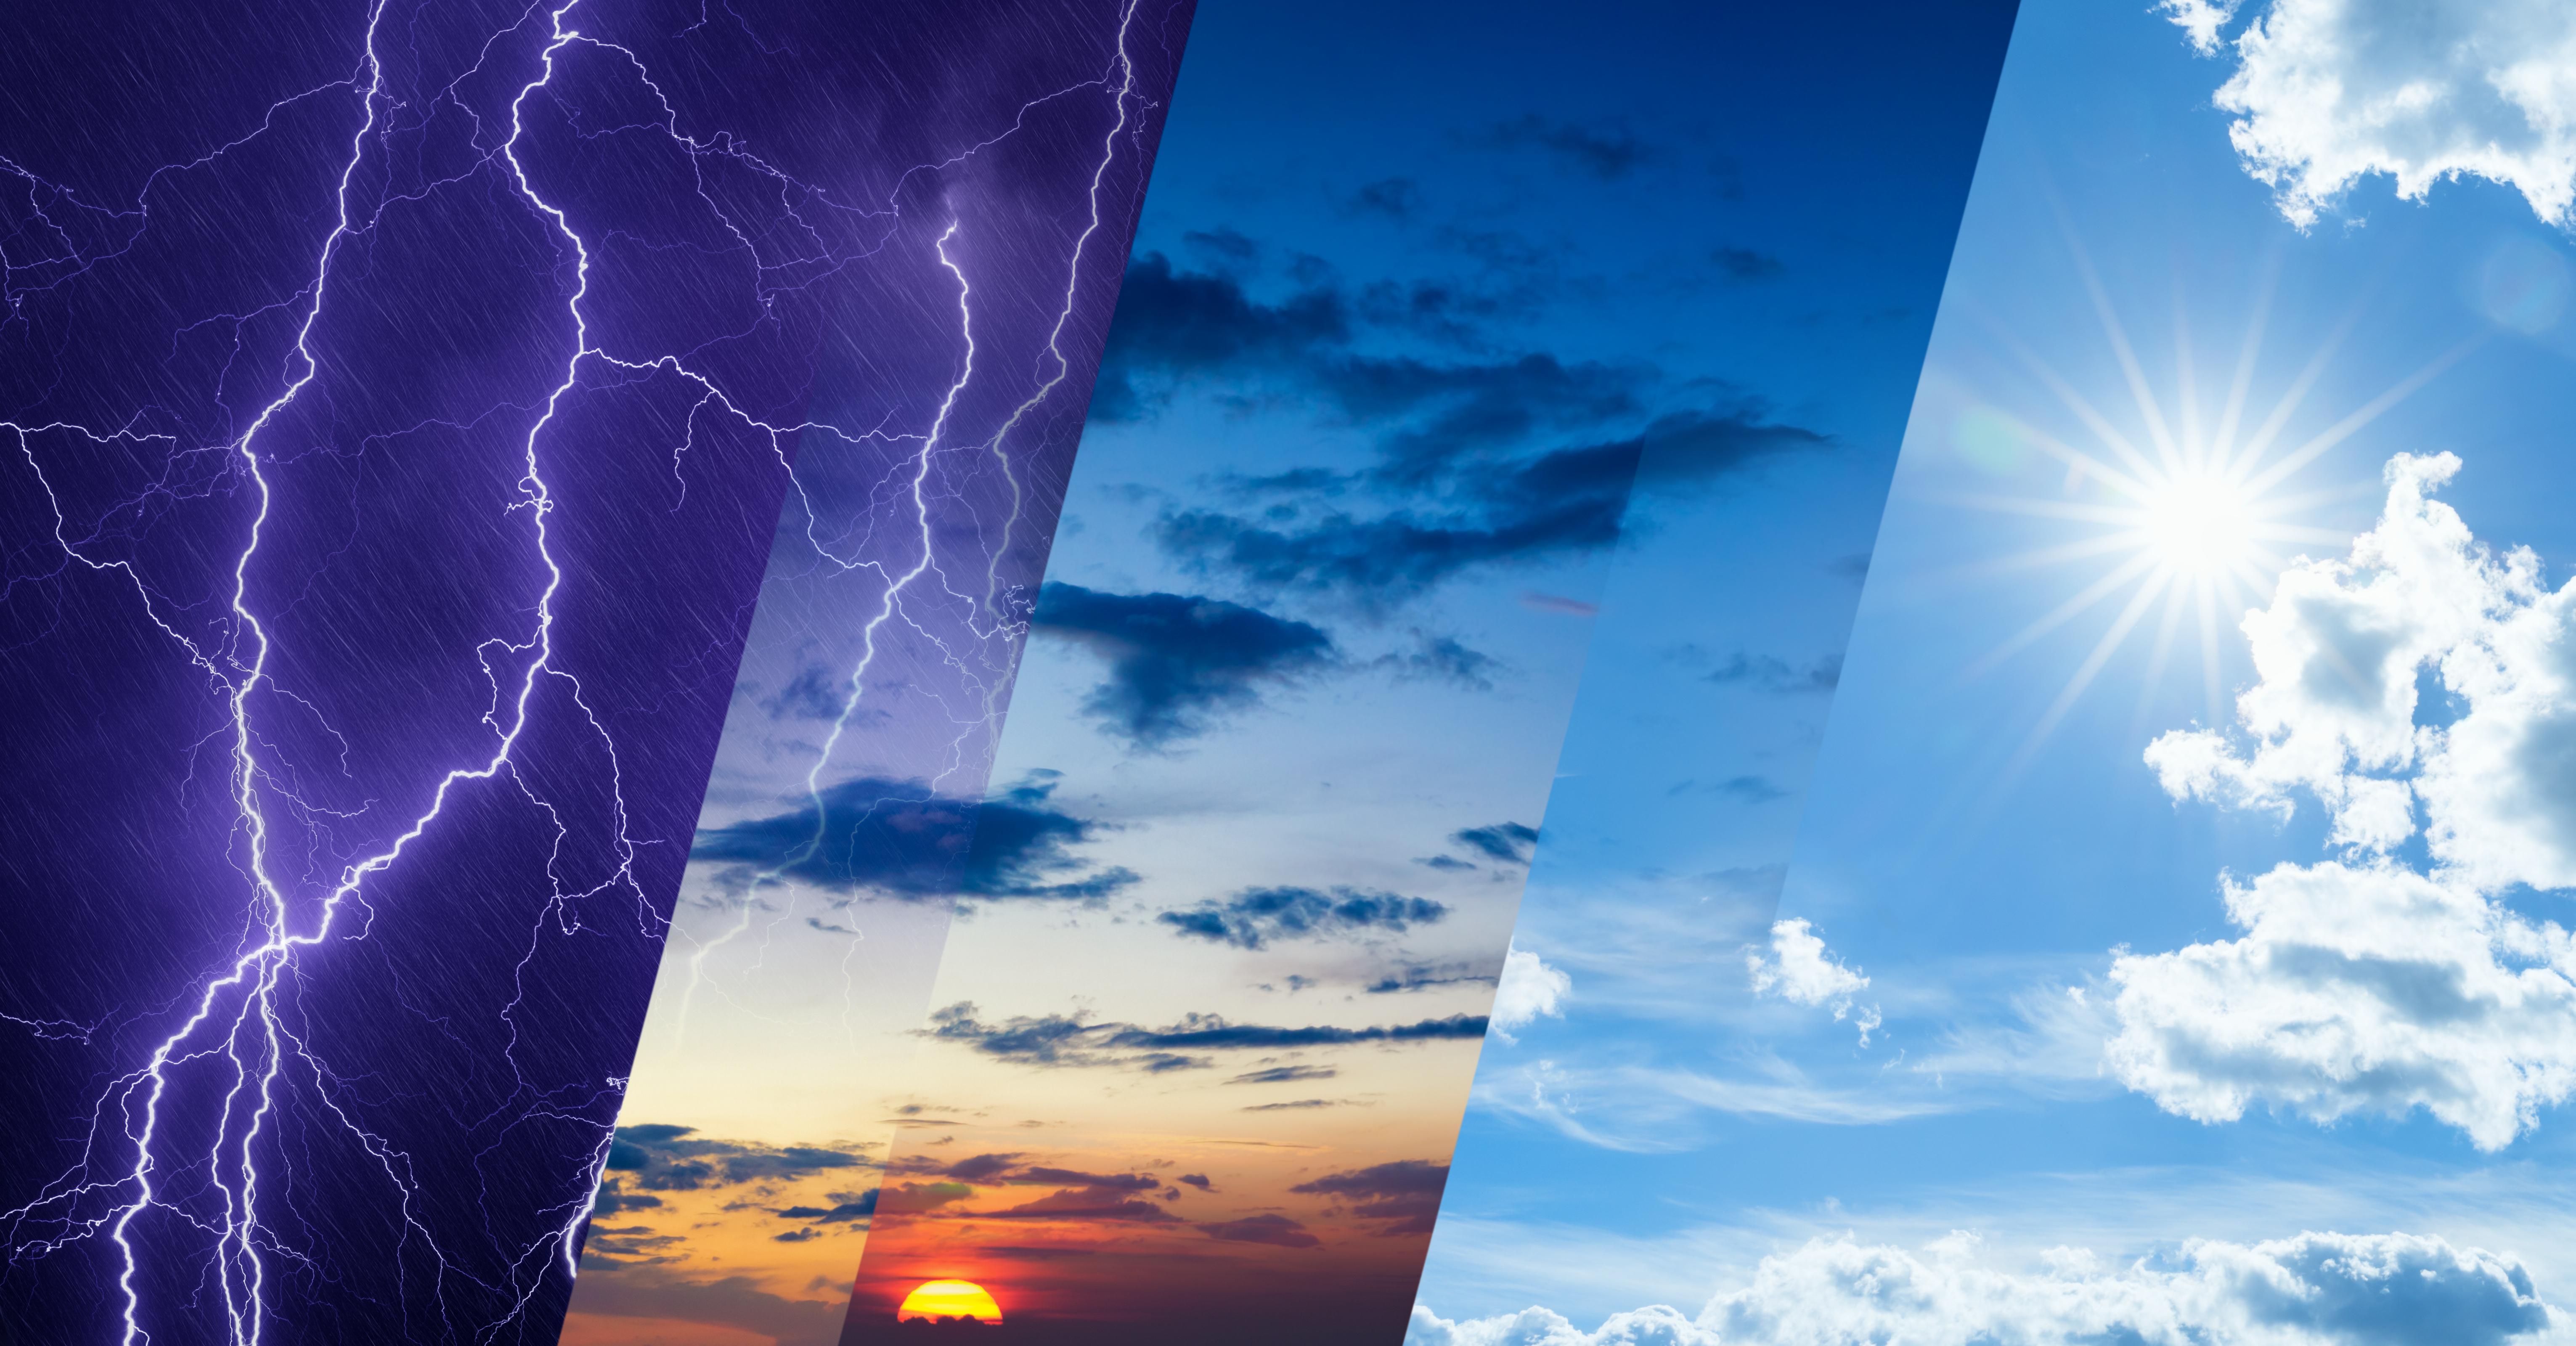 Vremea pentru următoarele patru săptămâni. Ce au anunțat meteorologii pentru începutul lunii martie 2021